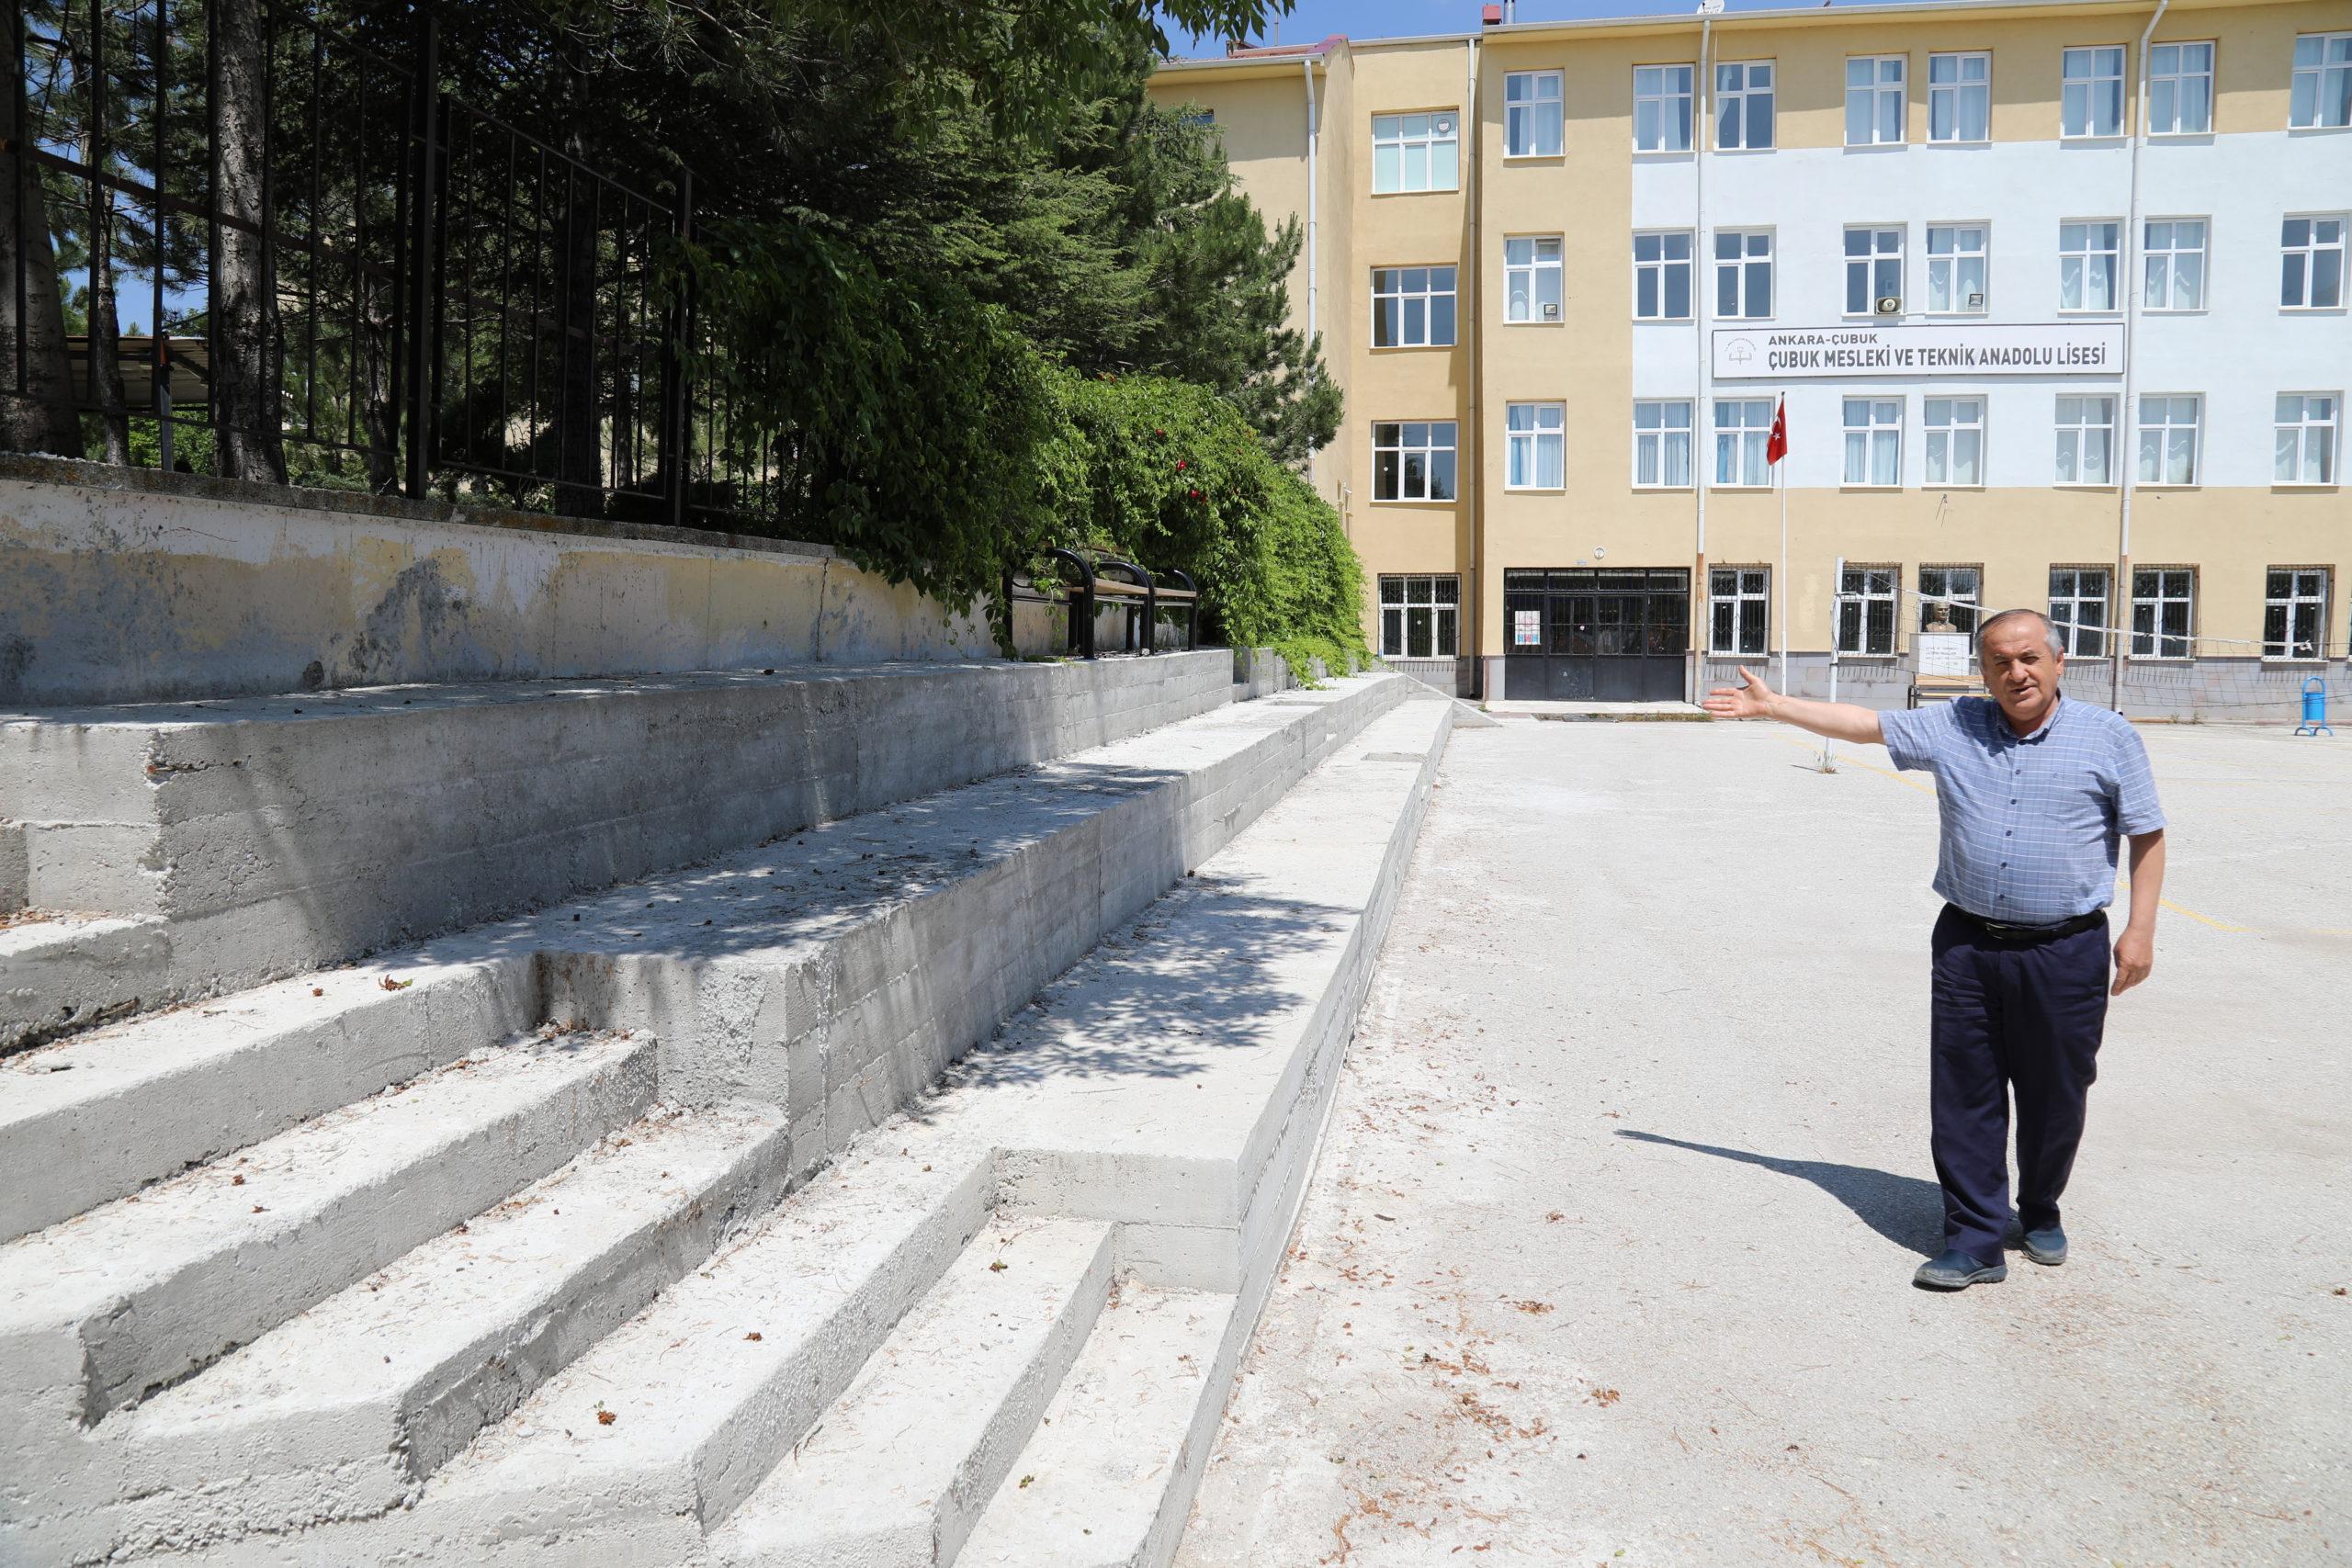 Çubuk Mesleki Ve Teknik Anadolu Lisesinde Tarım Bölümü Açıldı